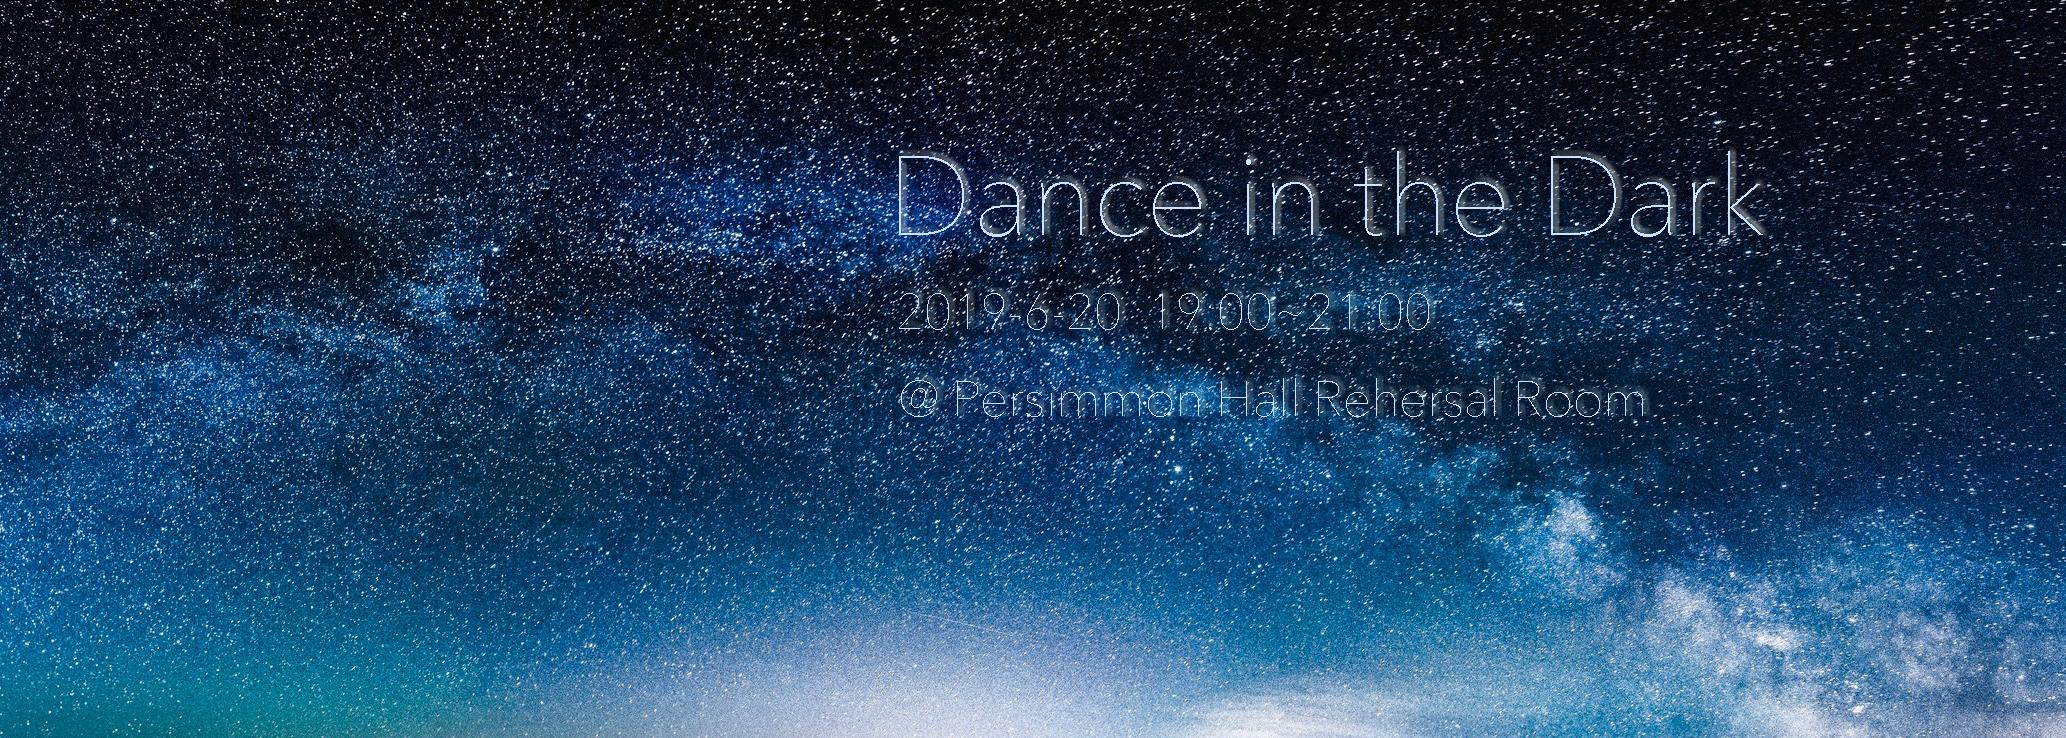 夏至の前のダンス・イン・ザ・ダーク